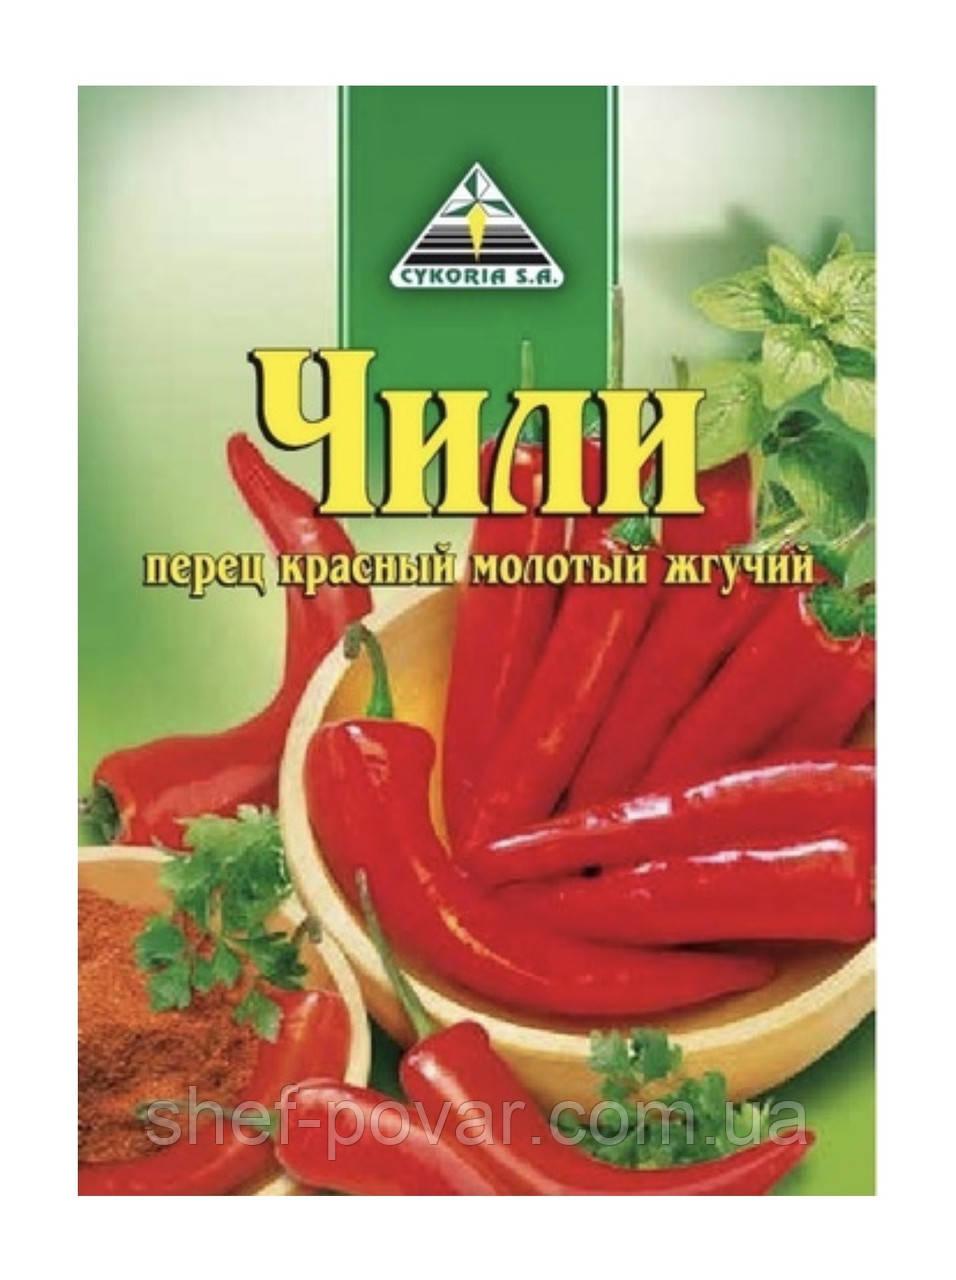 Перец красный молотый жгучий 20г ТМ «Cykoria s. a.»